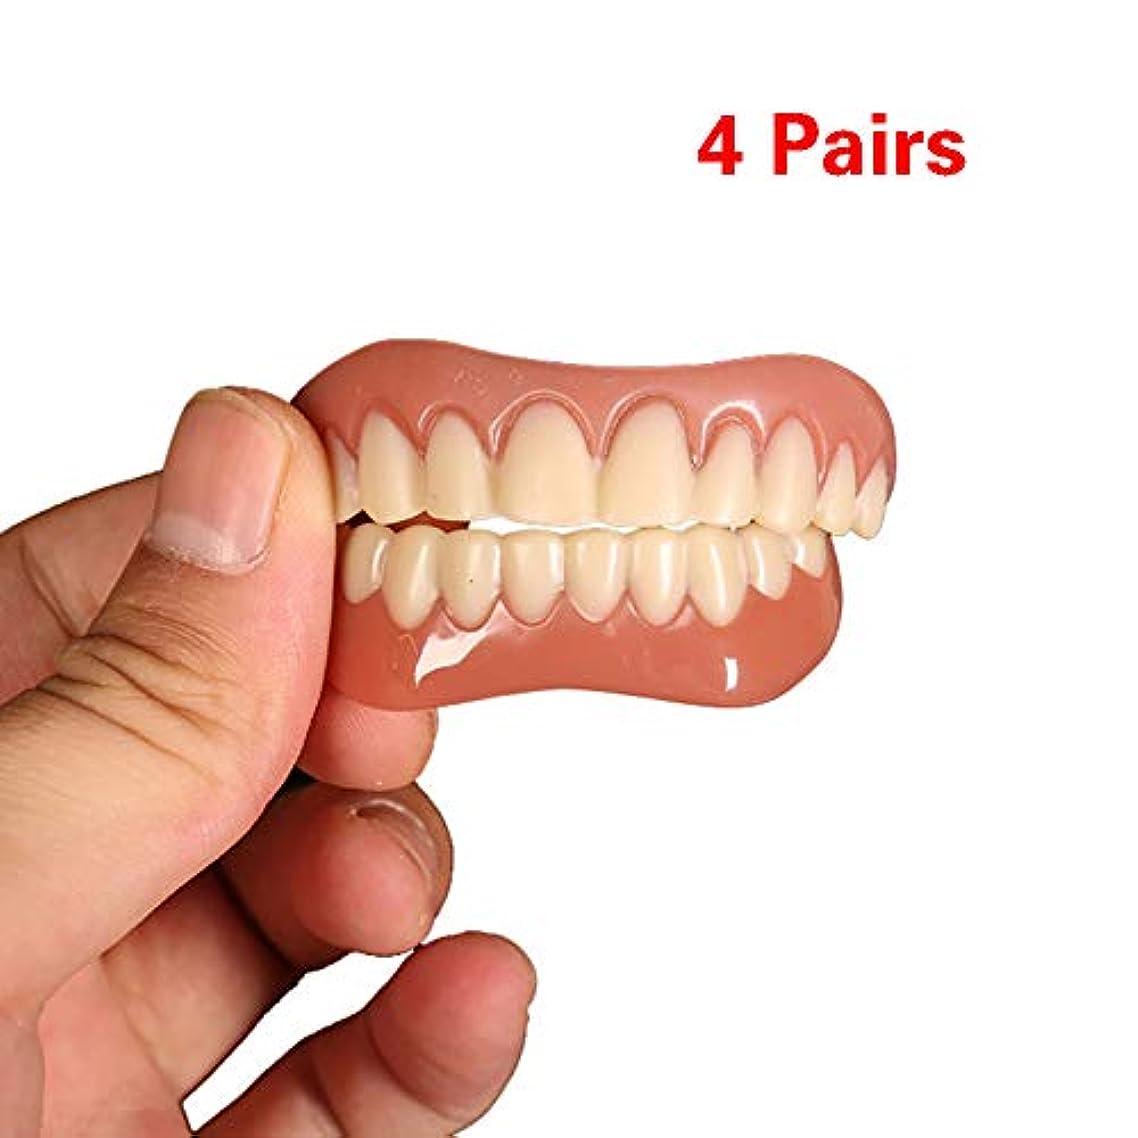 合成取得する雲歯の快適さフィットフレックス化粧品の歯義歯歯の上+下化粧品のベニヤシミュレーションブレース